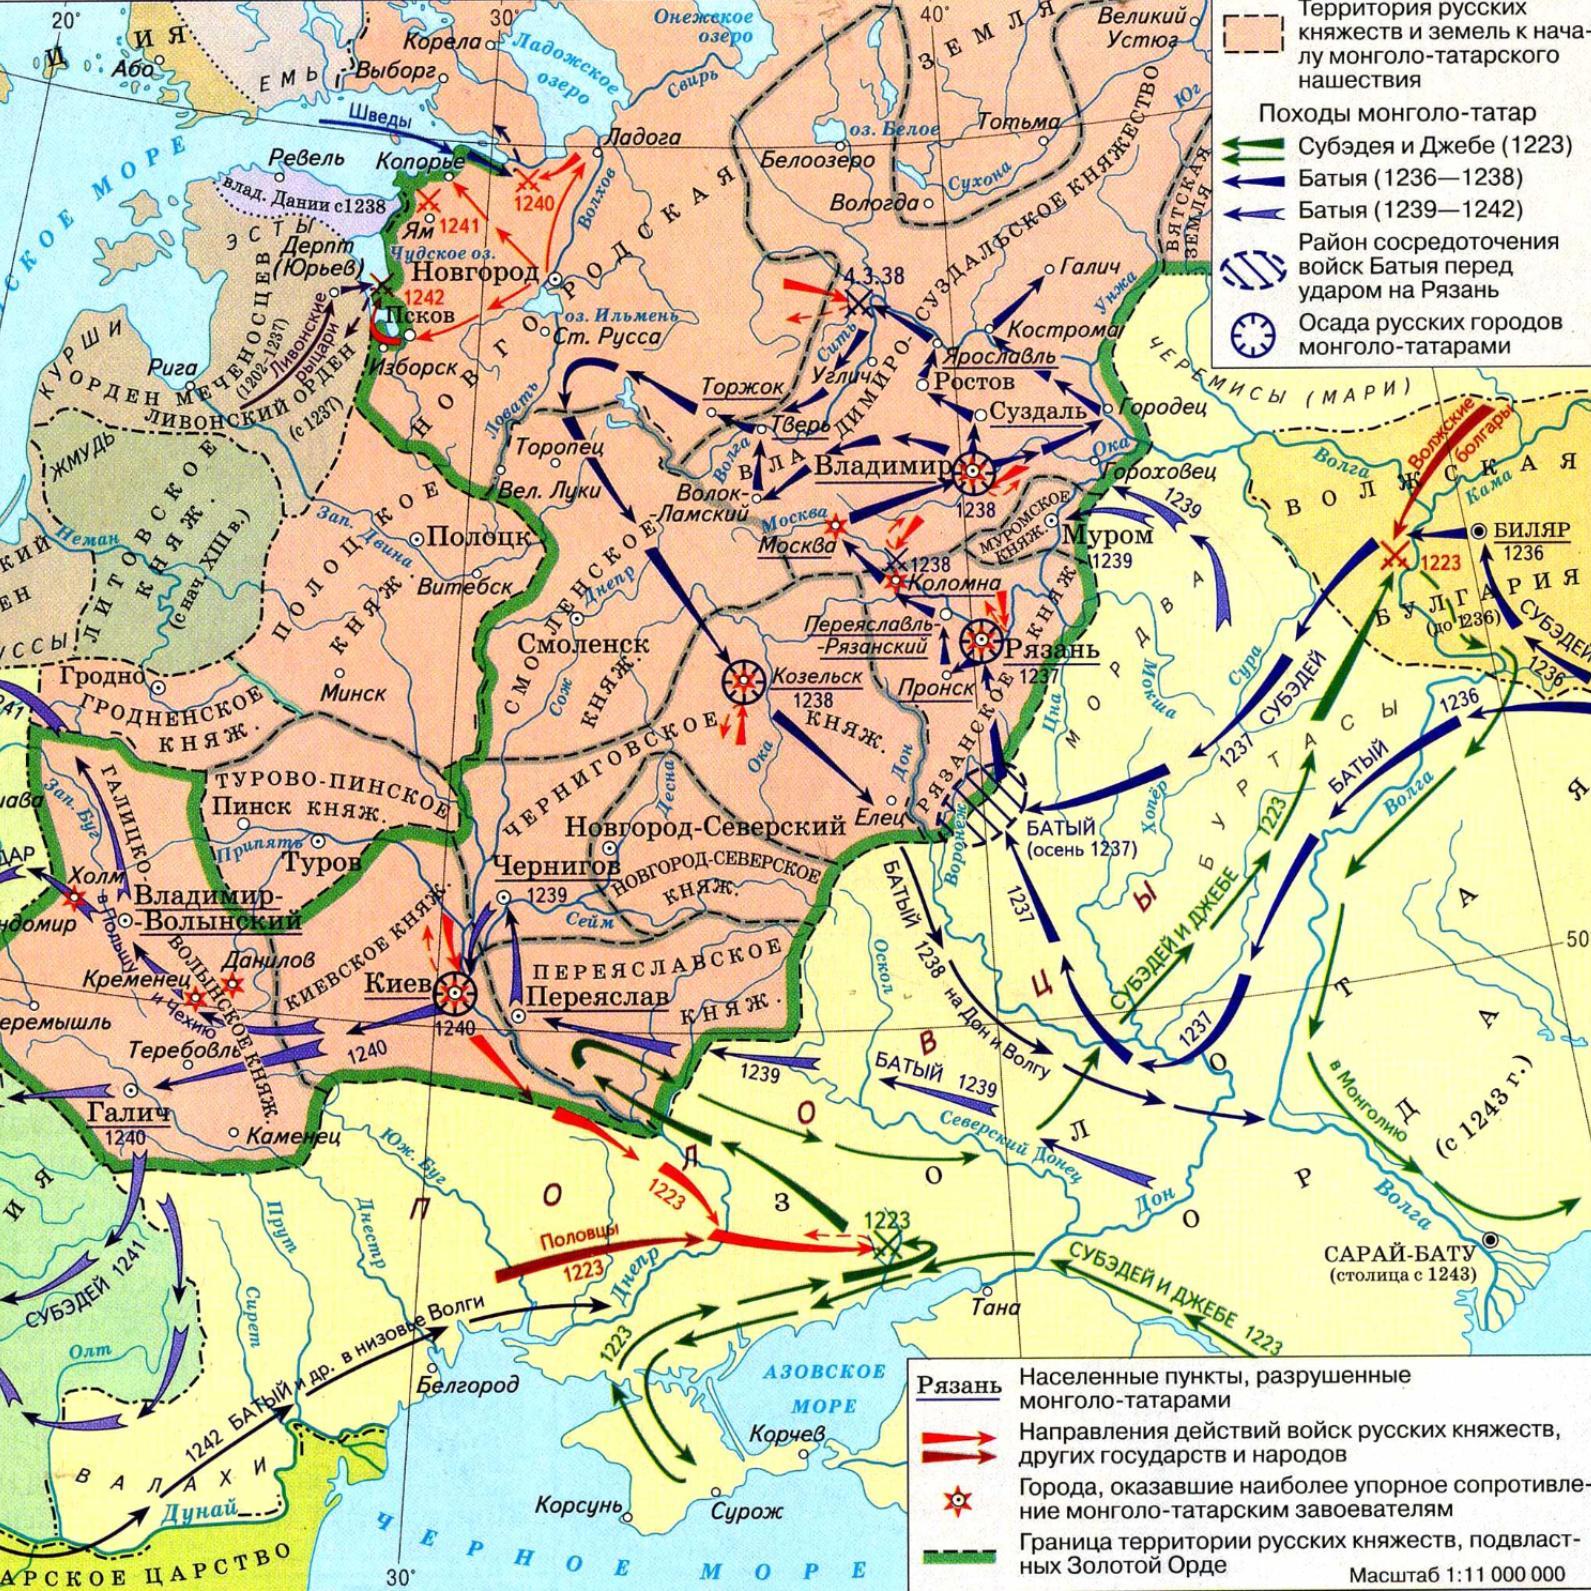 освобождение руси от ордынского владычества